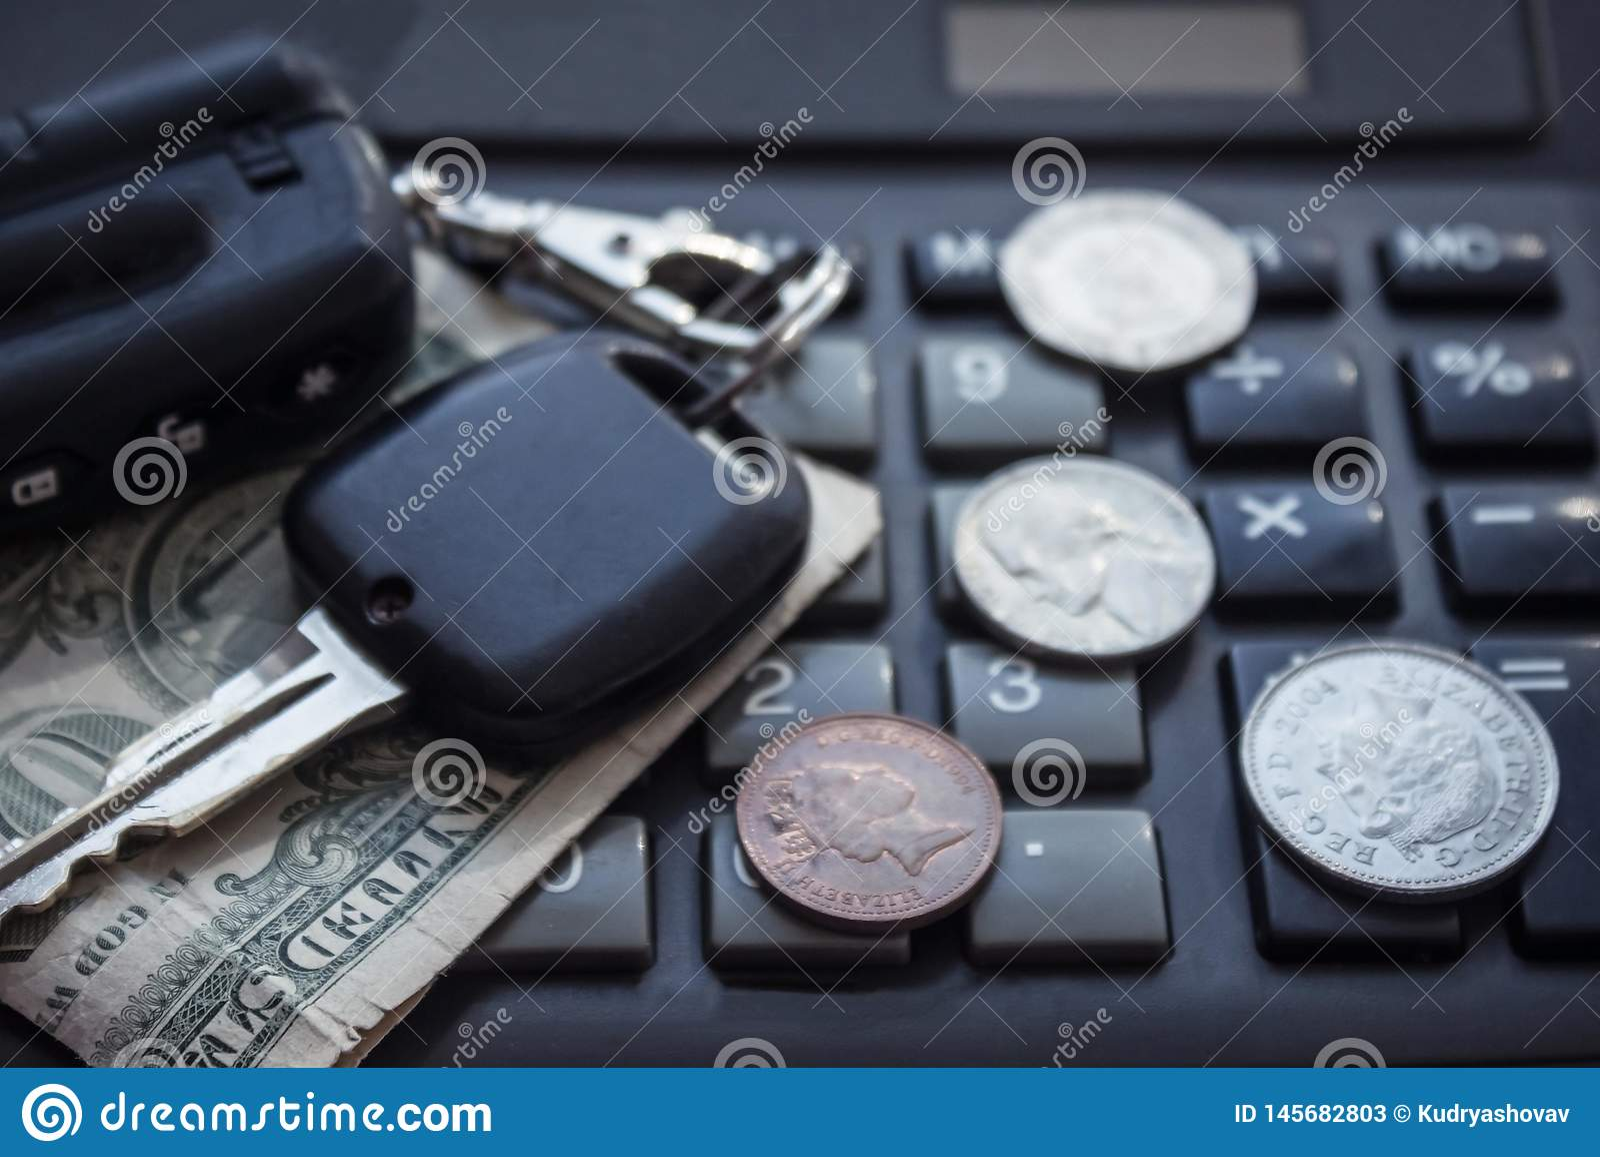 Samochodów klucze i mały pieniądze